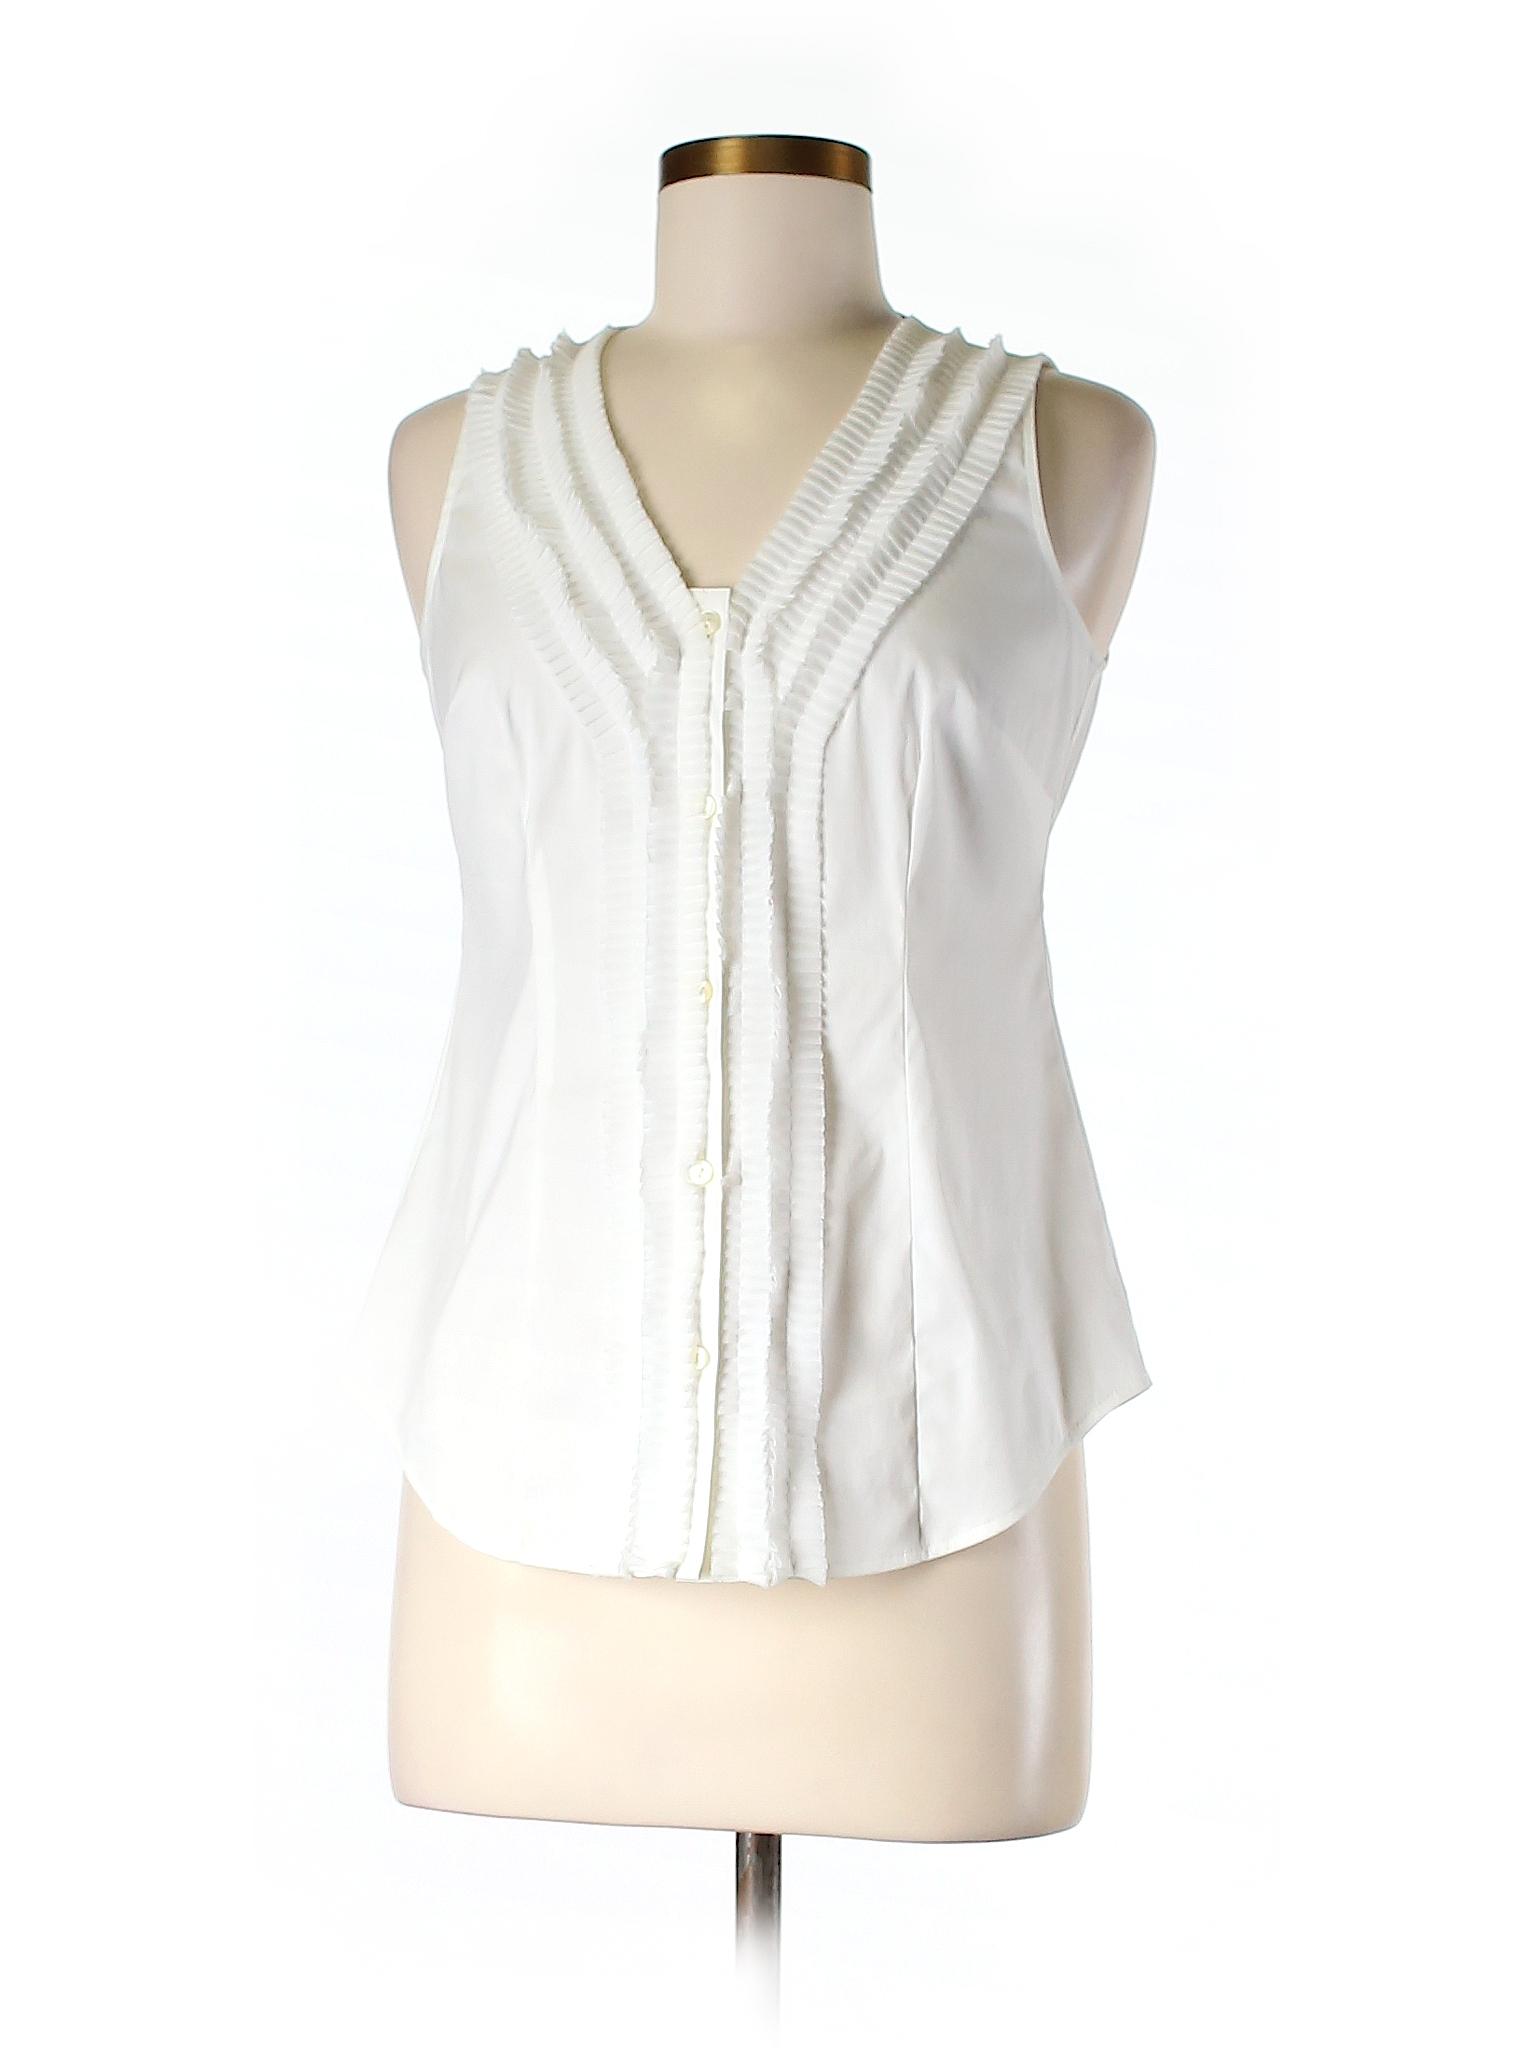 Ann taylor sleeveless button down shirt 75 off only on for Sleeveless cotton button down shirts